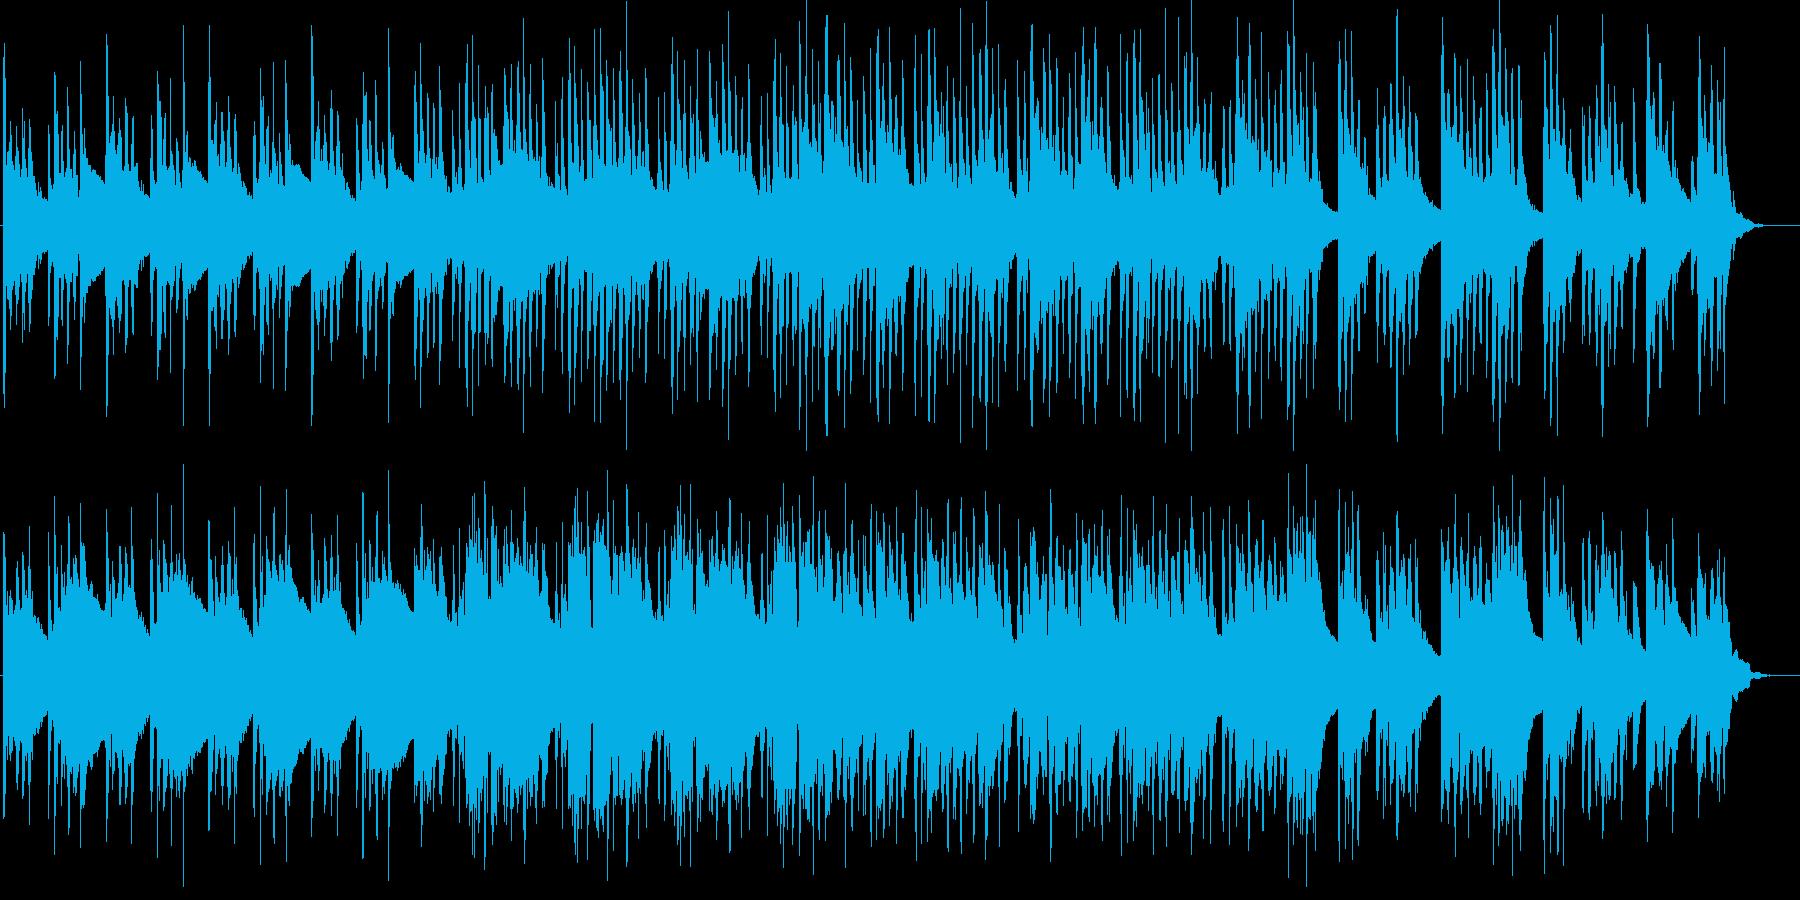 ストリングスとオルゴールの優しい和風曲の再生済みの波形